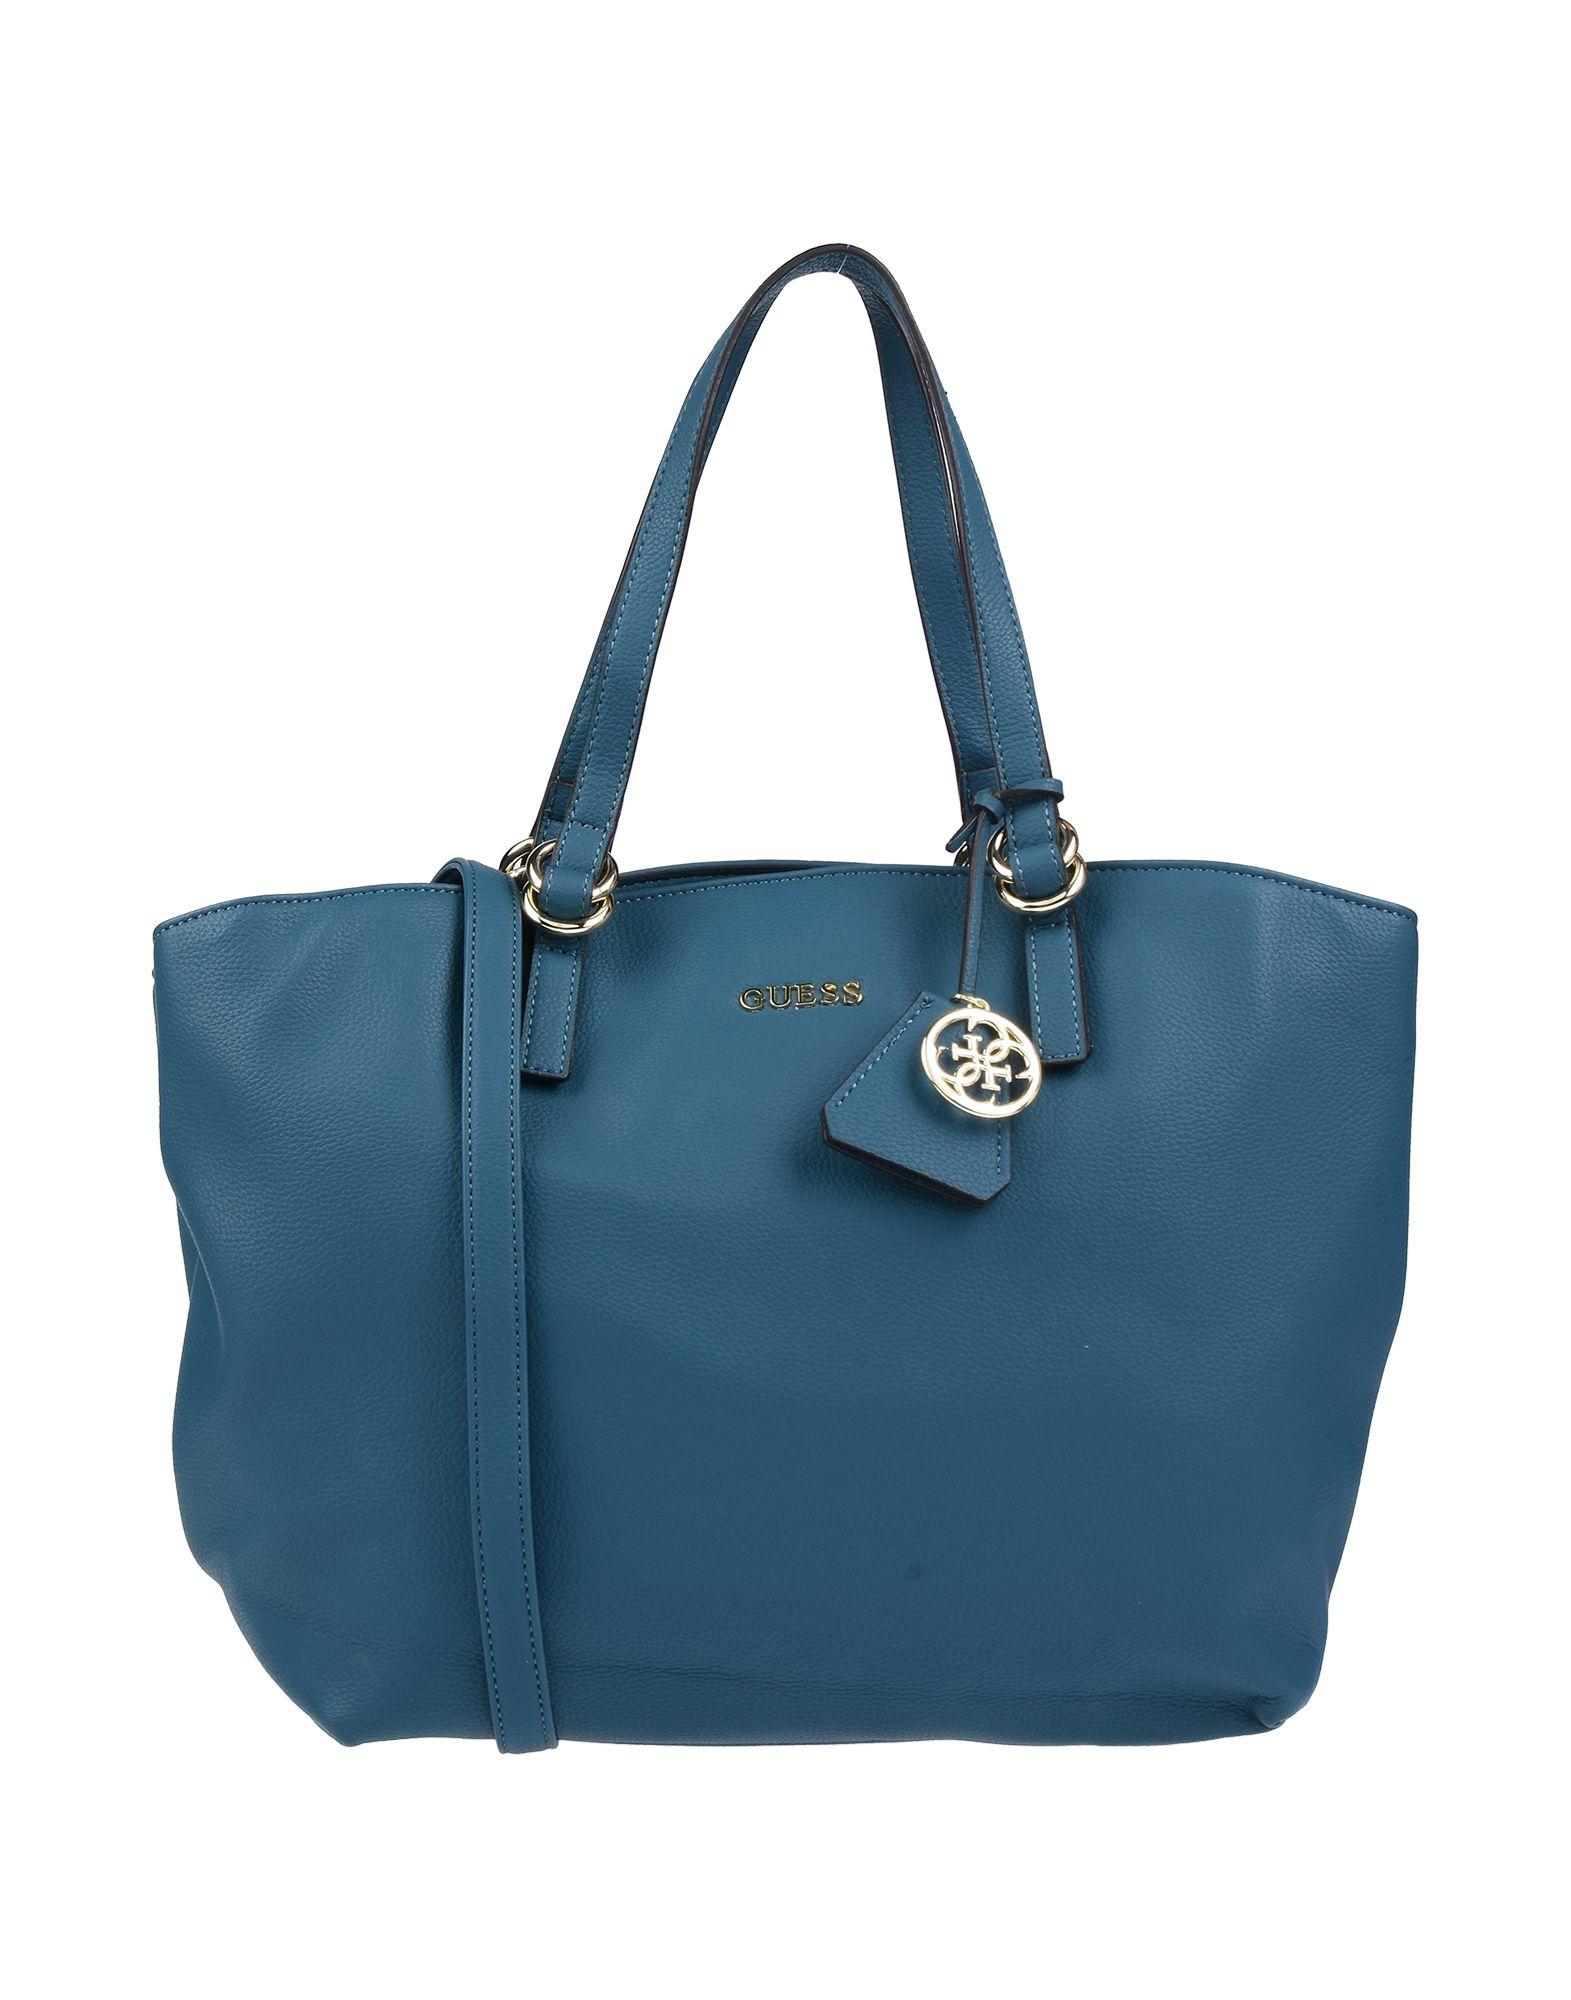 491a3be94e84 Женские сумки зеленого цвета Guess купить в интернет магазине ...